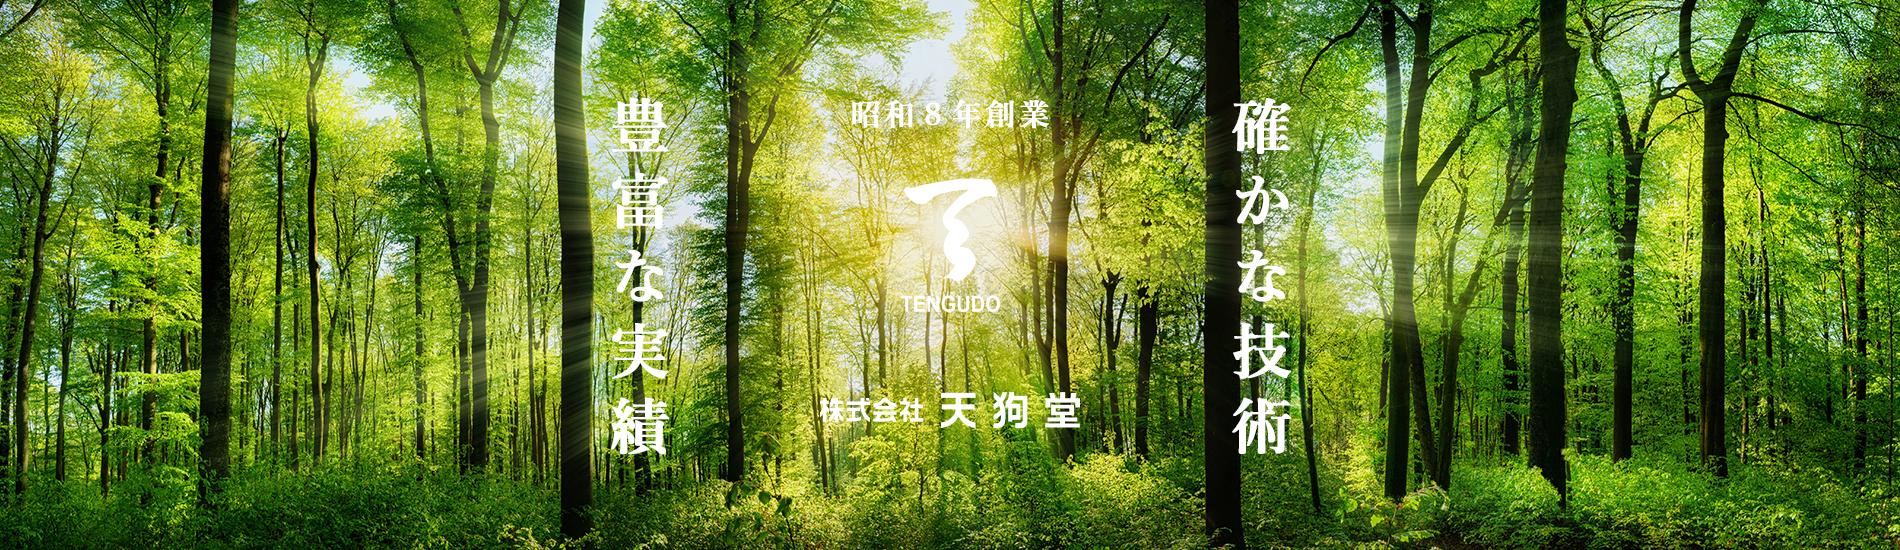 株式会社天狗堂